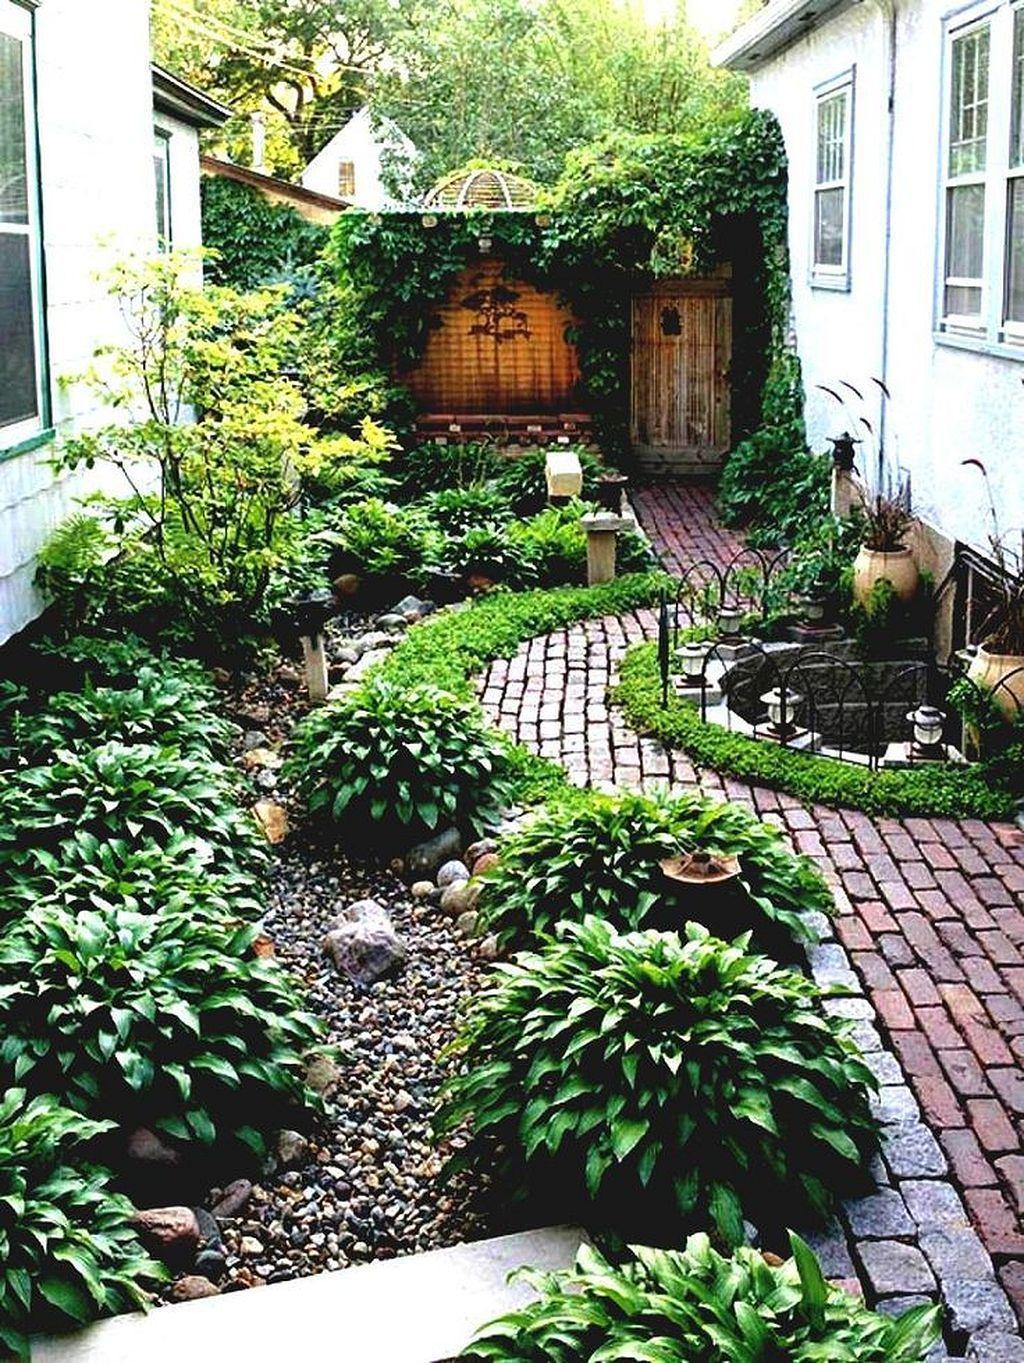 Small Crop Of Rock Garden Ideas Pinterest